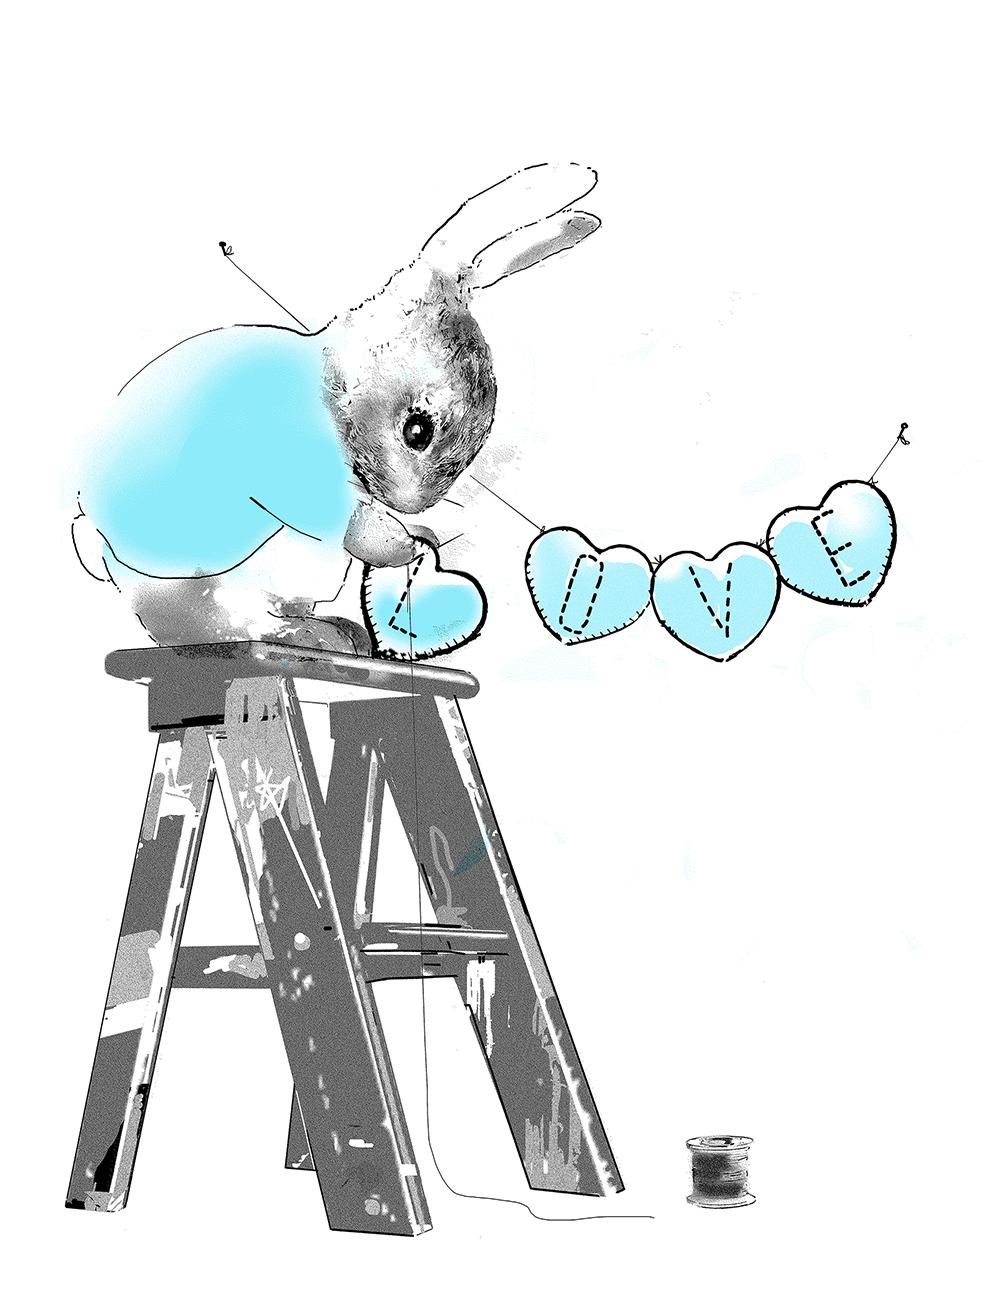 Harry Bunce - Making Love #1 (Blue)